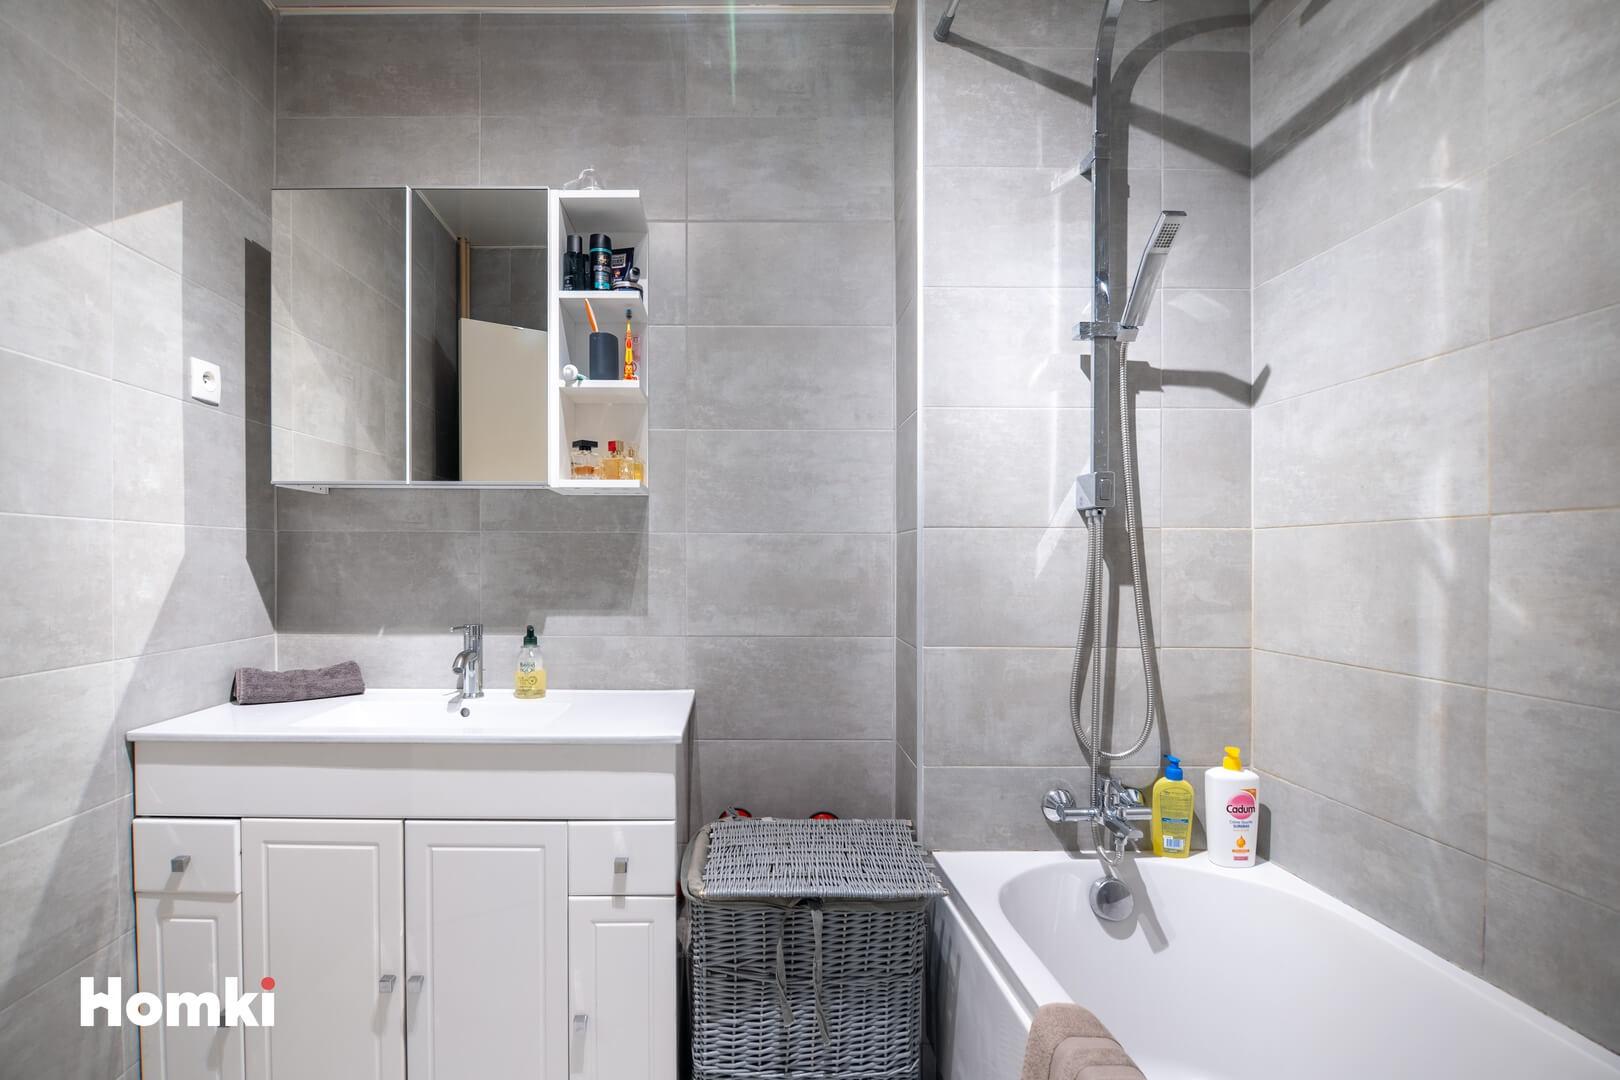 Homki - Vente Appartement  de 79.0 m² à Vitrolles 13127